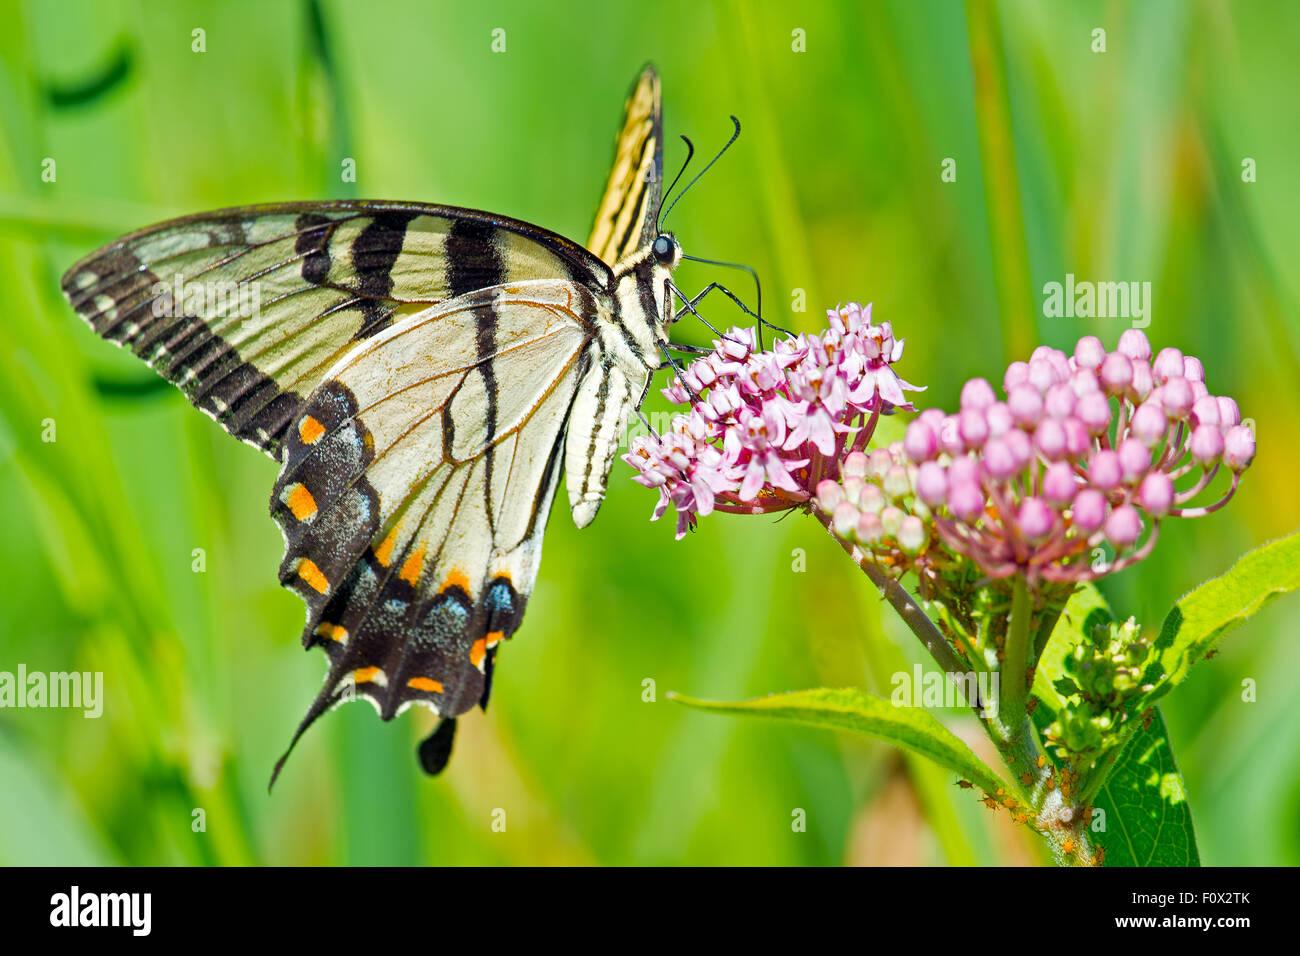 Tiger Schwalbenschwanz Schmetterling Fütterung auf Blumen Stockbild